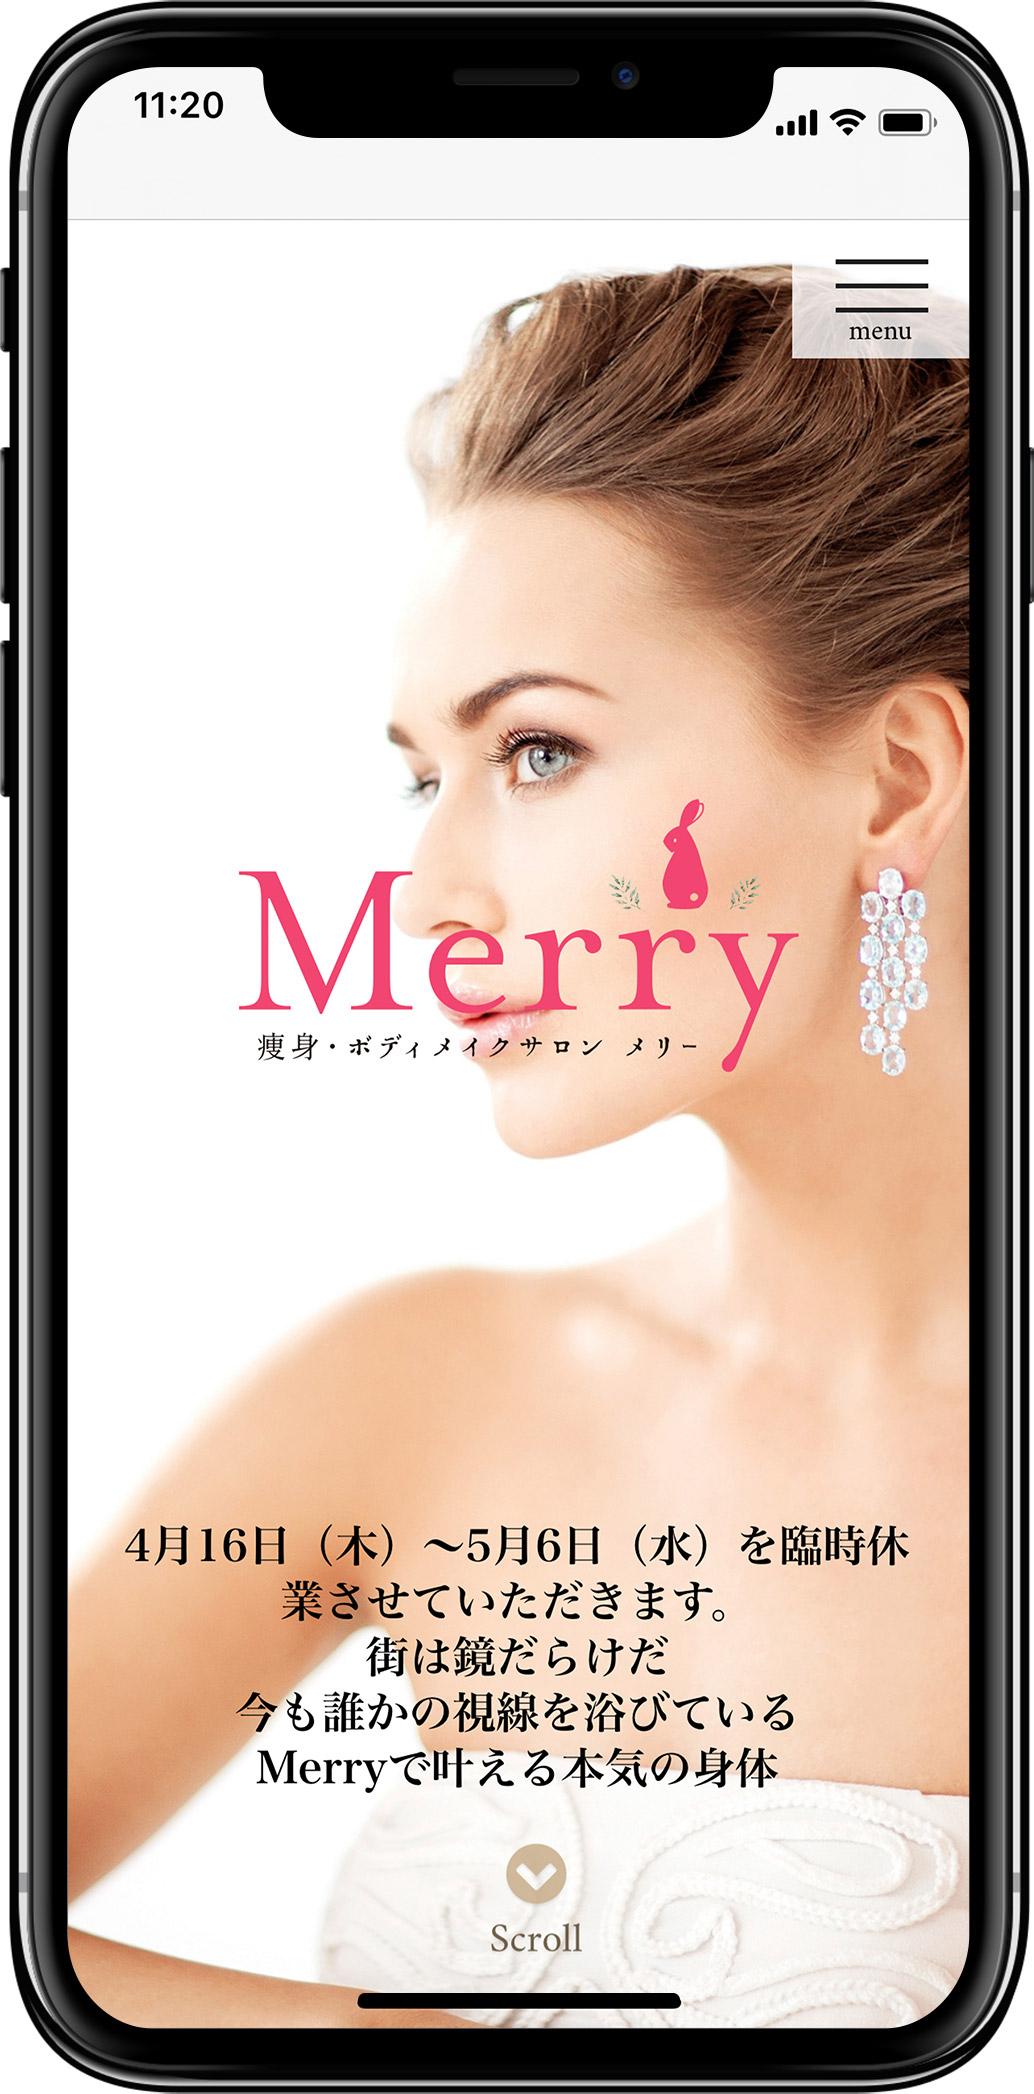 エステサロン「メリー」のクリエイティブデザインならびにWordPressでウェブサイトを作成しましたスマートフォンの見た目